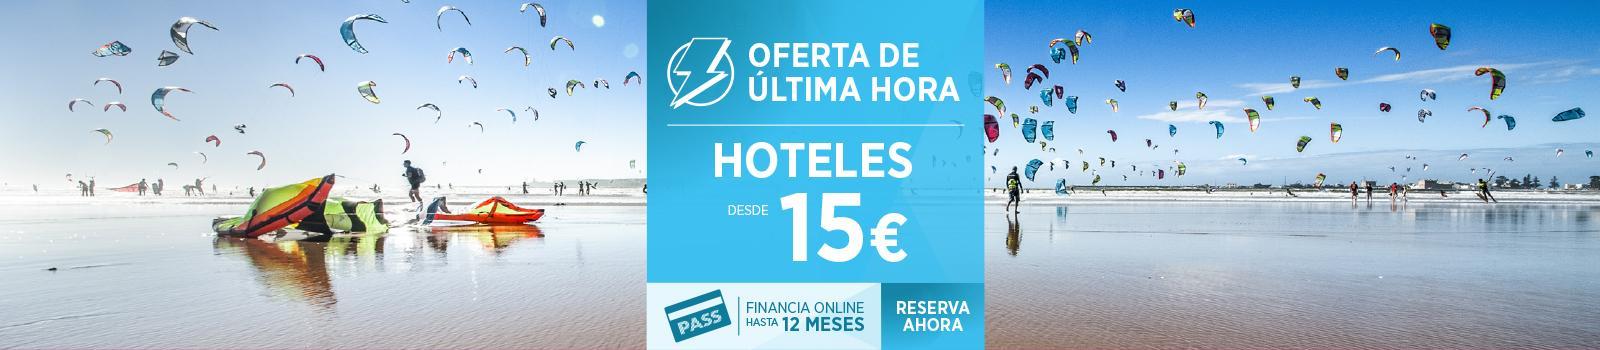 Ofertas Hoteles Última Hora